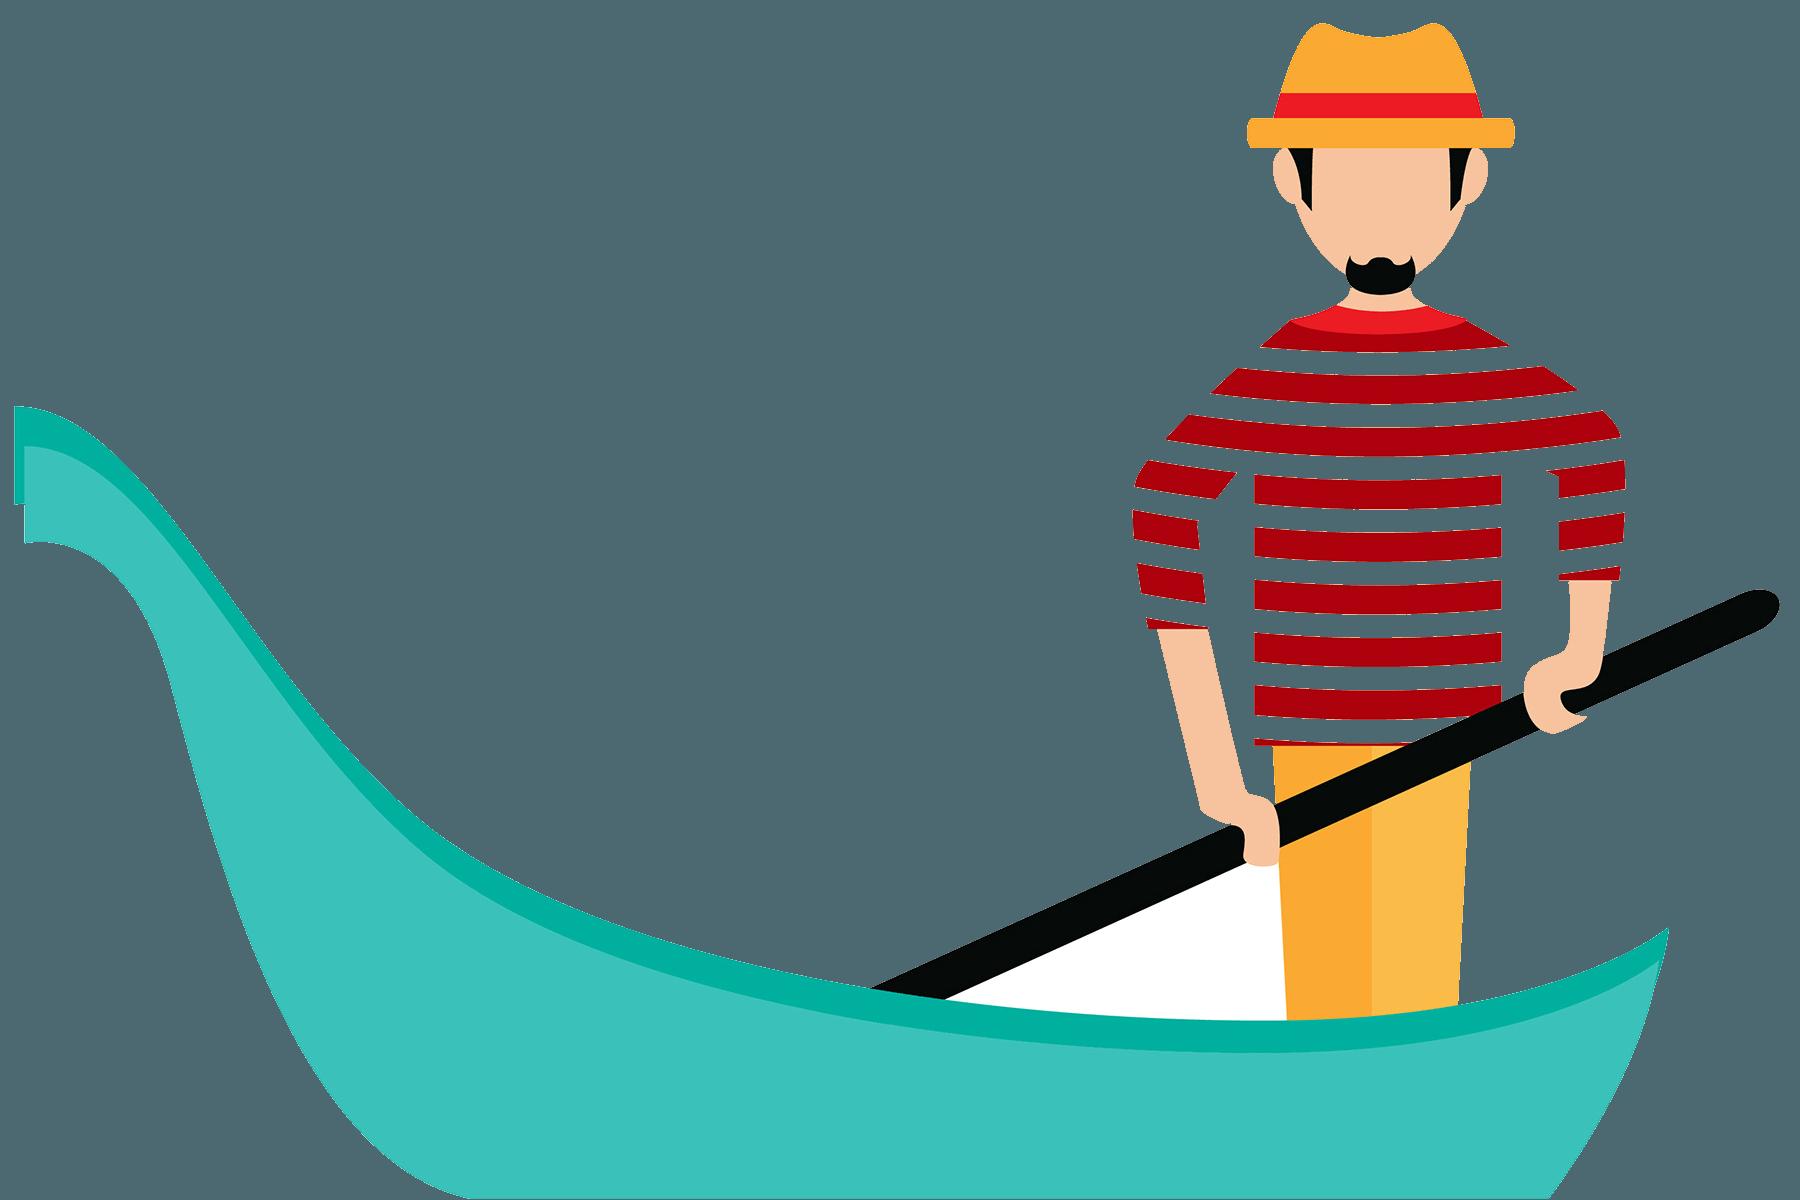 Gondola clipart italian person Italian Easy levels Master Italy